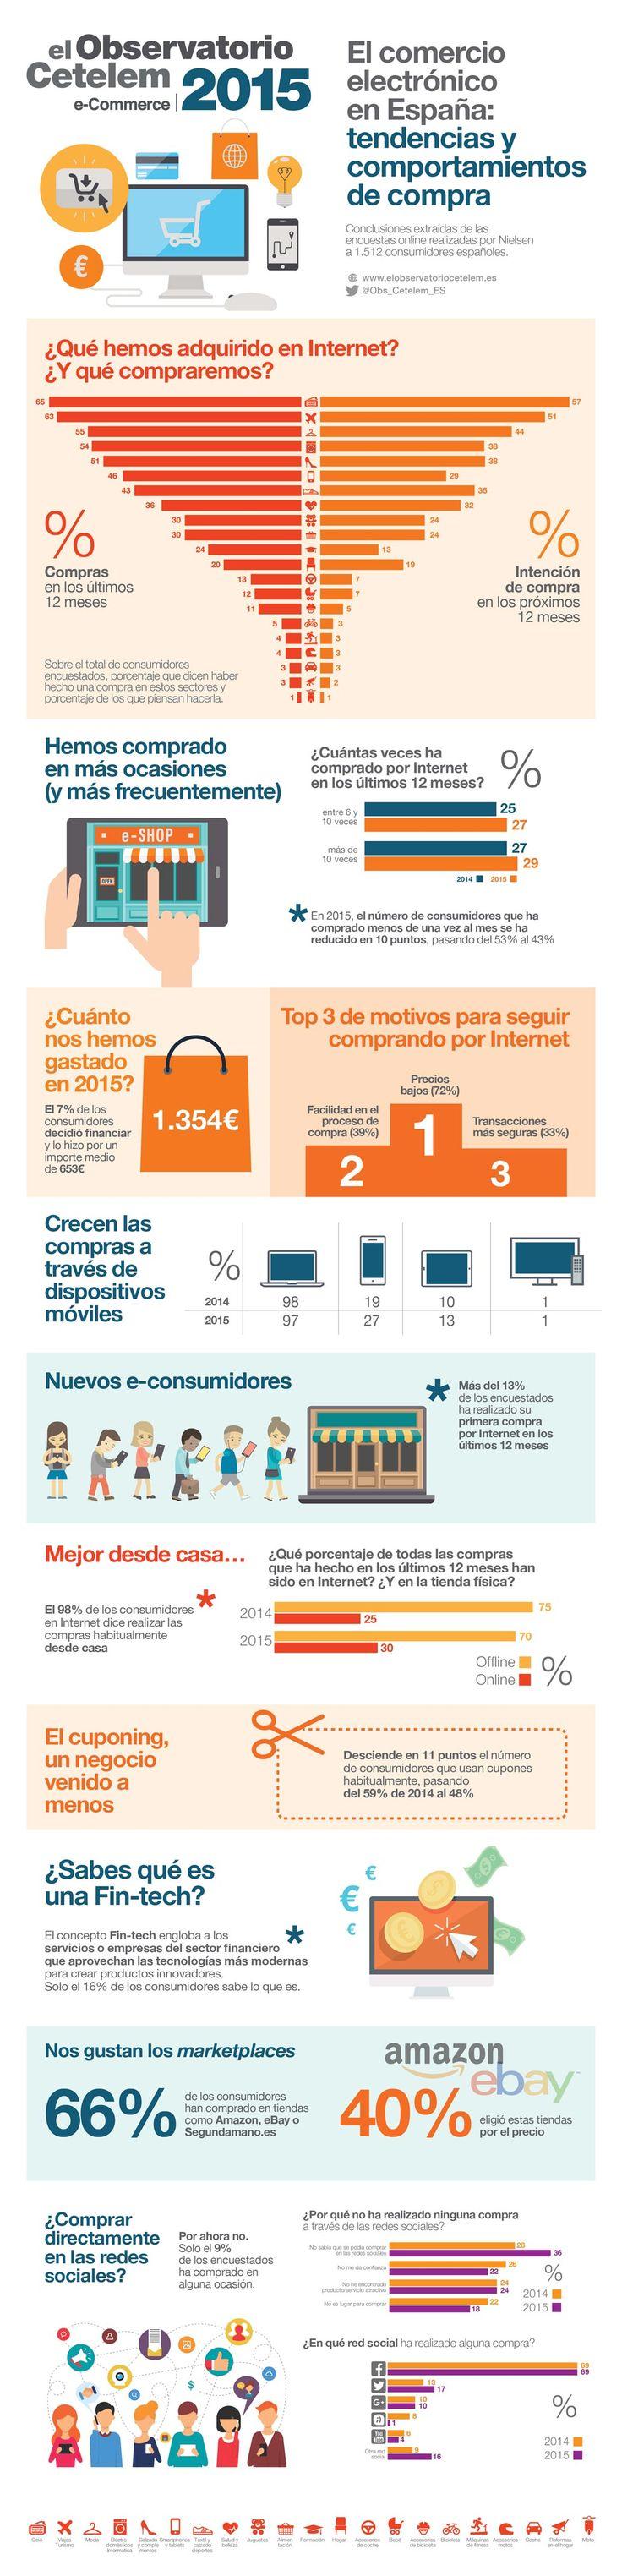 Infografía resumen del informe del Observatorio Cetelem e-Commerce 2015 en España